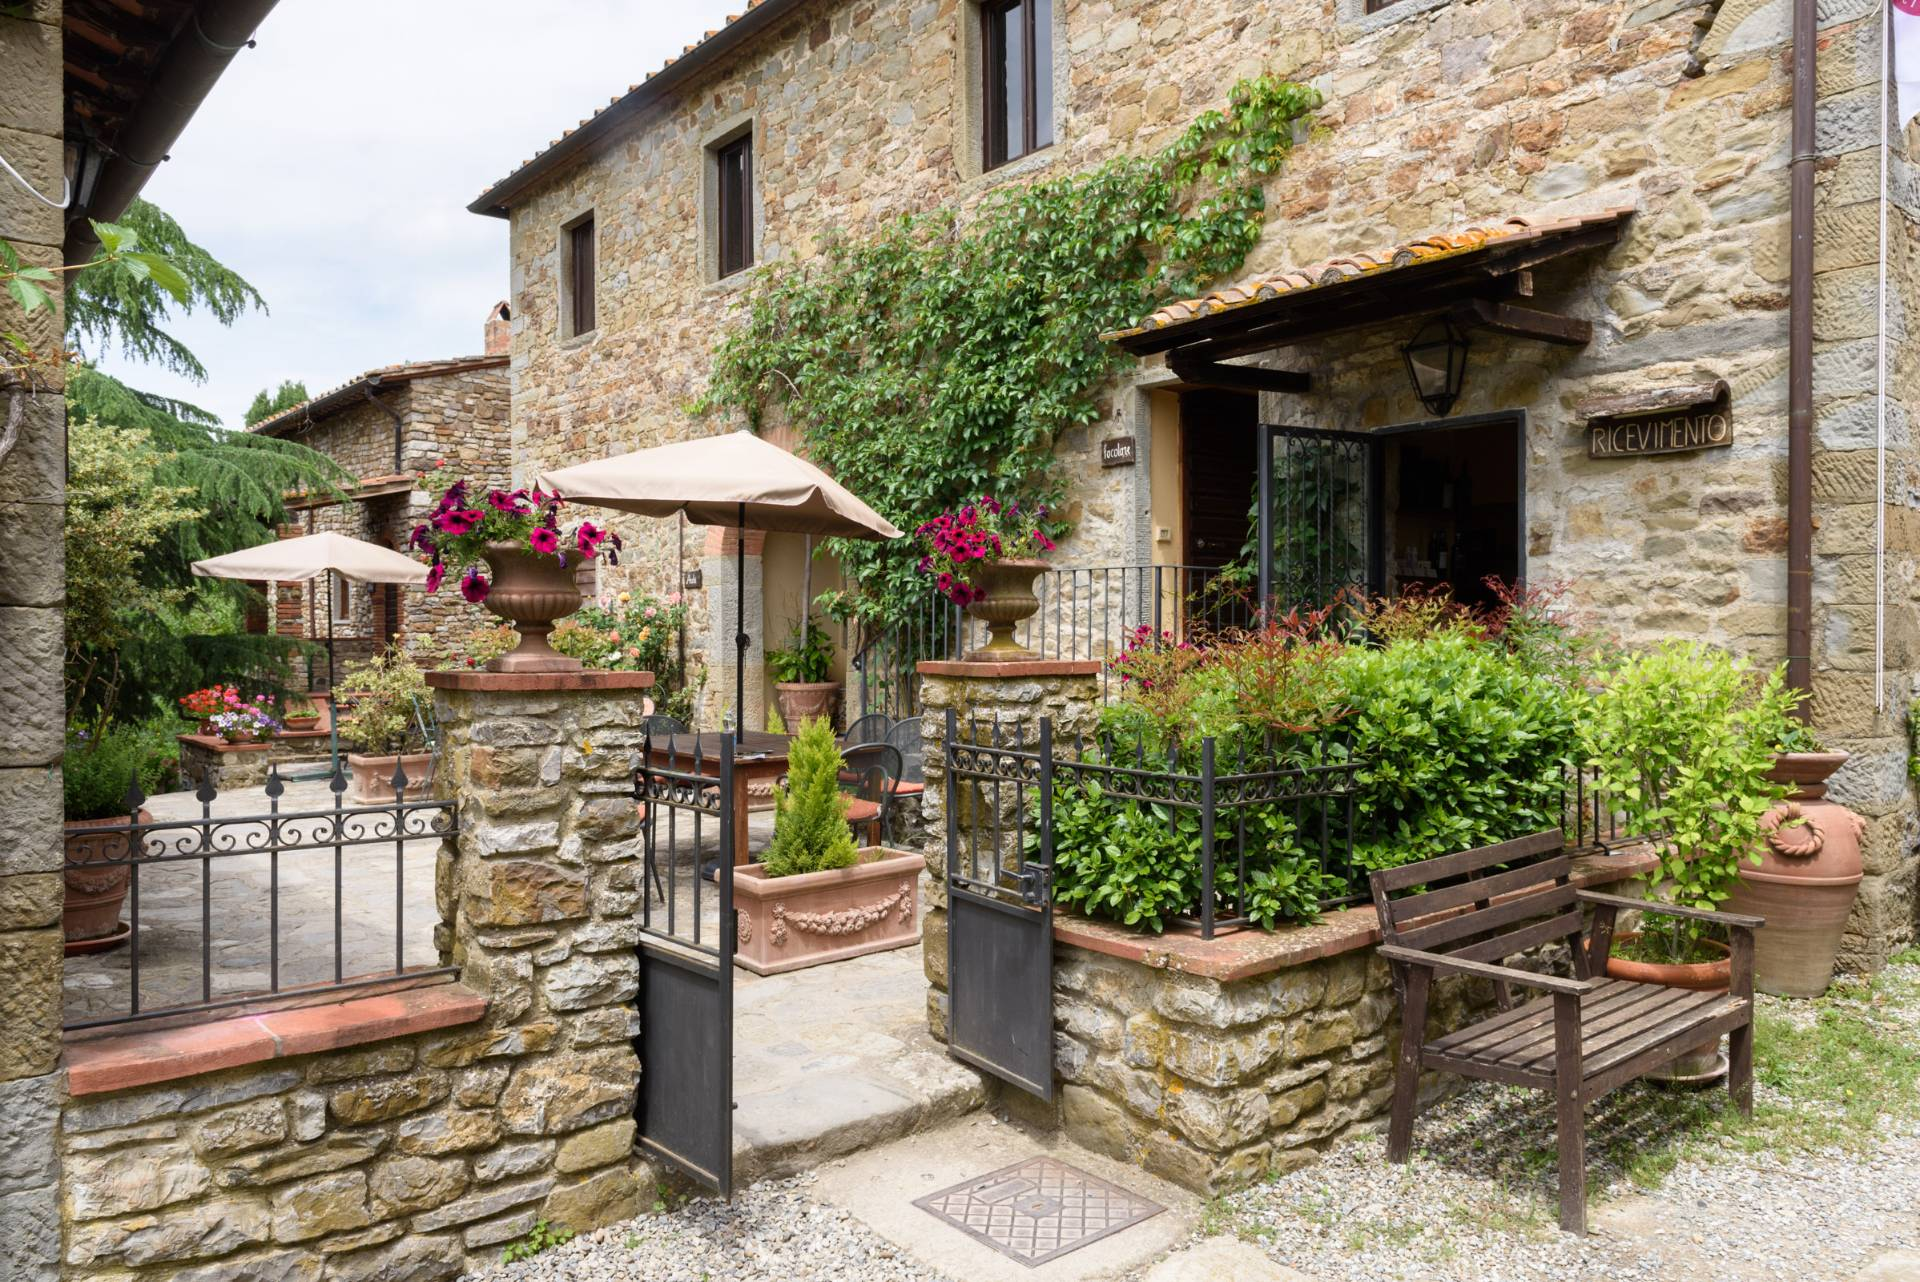 Rustico in Vendita a Gaiole In Chianti: 5 locali, 2170 mq - Foto 4